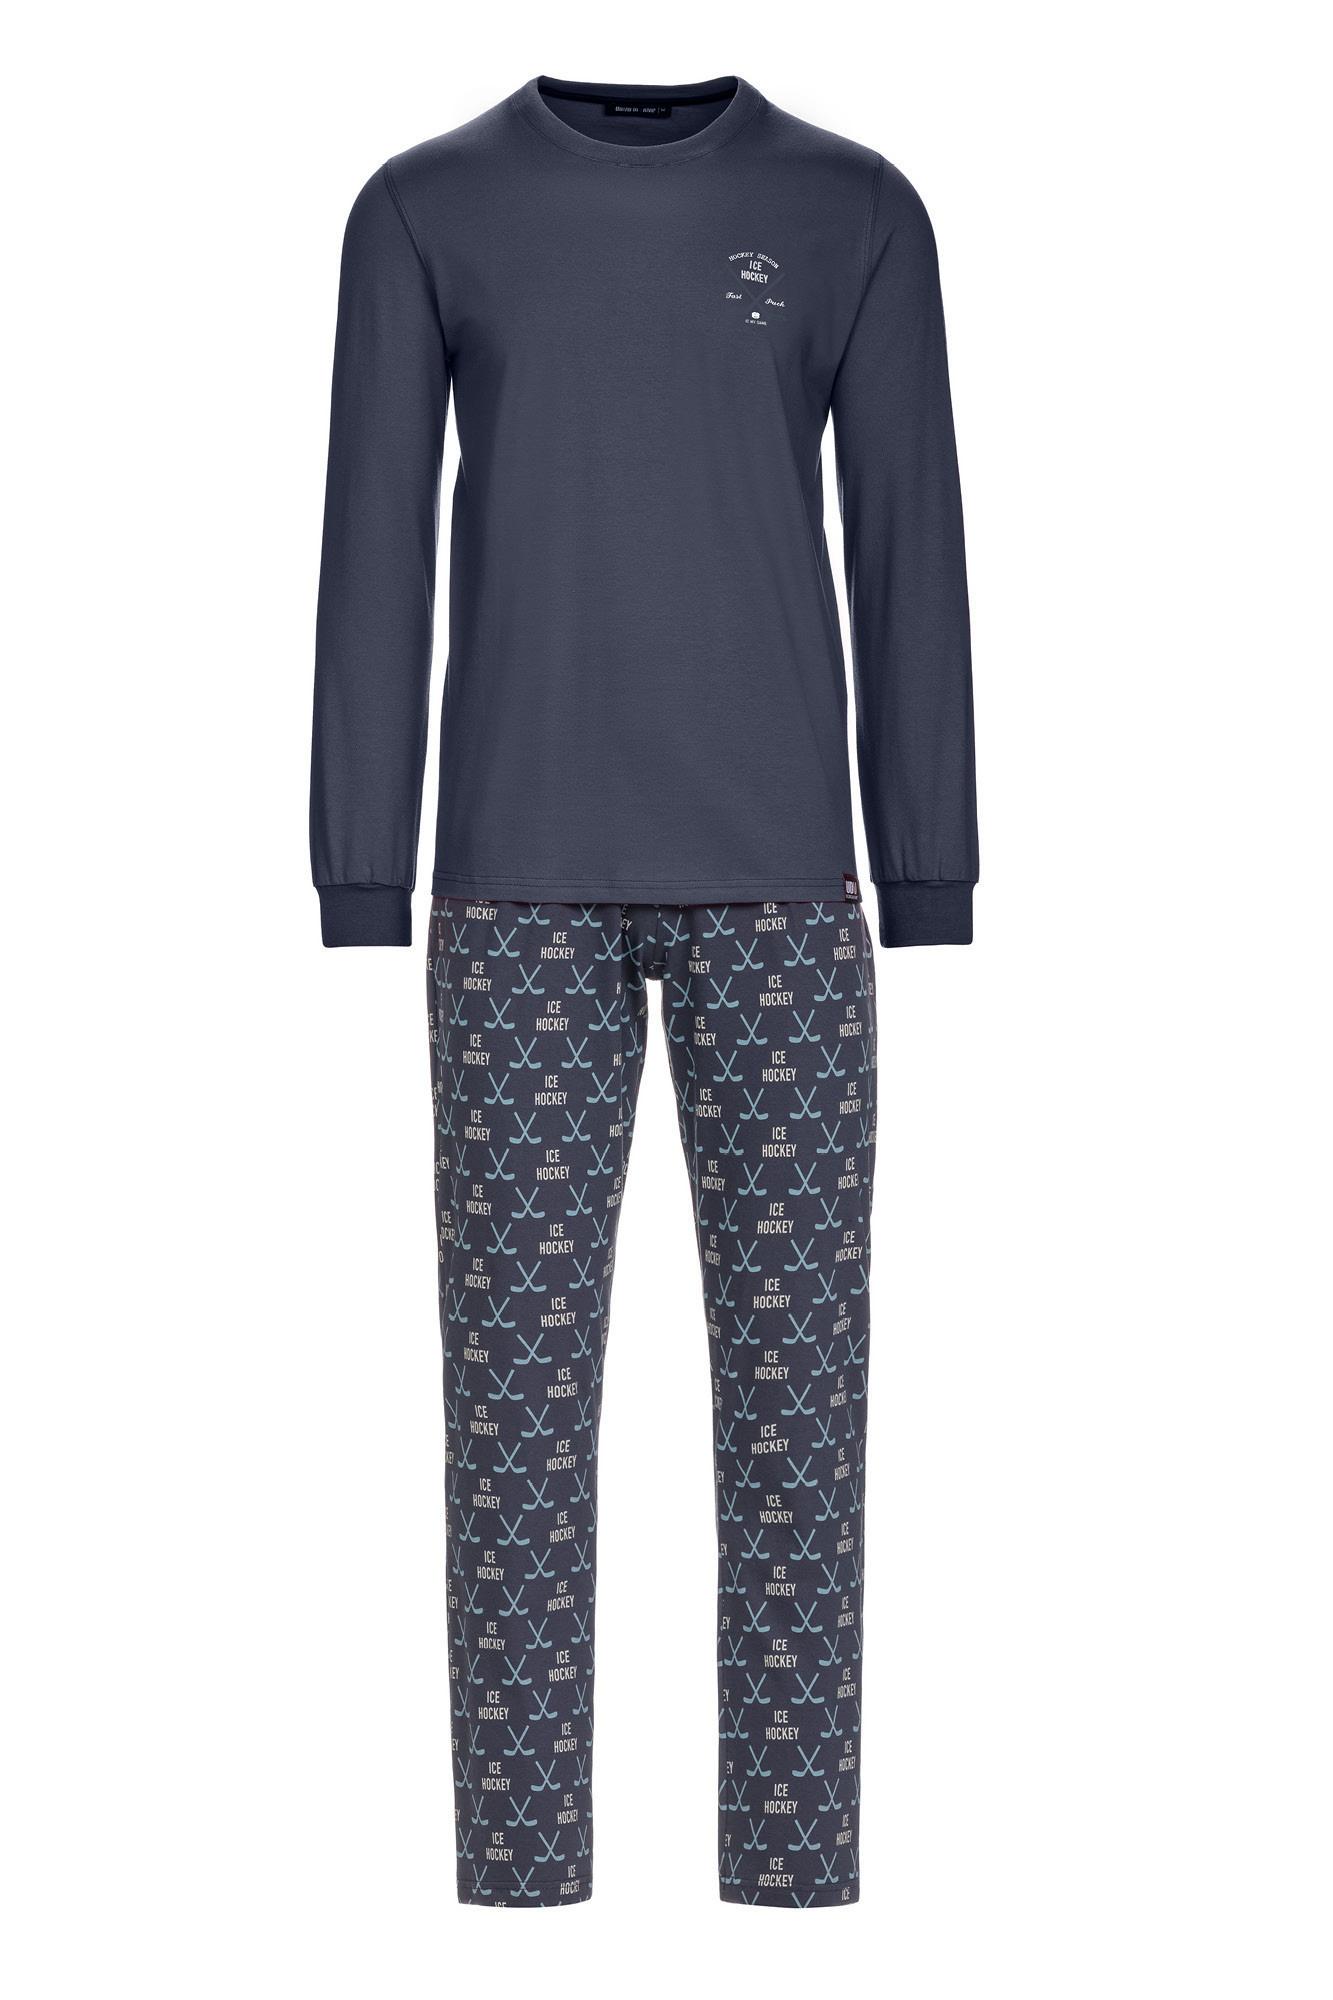 Vamp - Pánske pyžamo 13690 - Vamp gray ombre 3XL